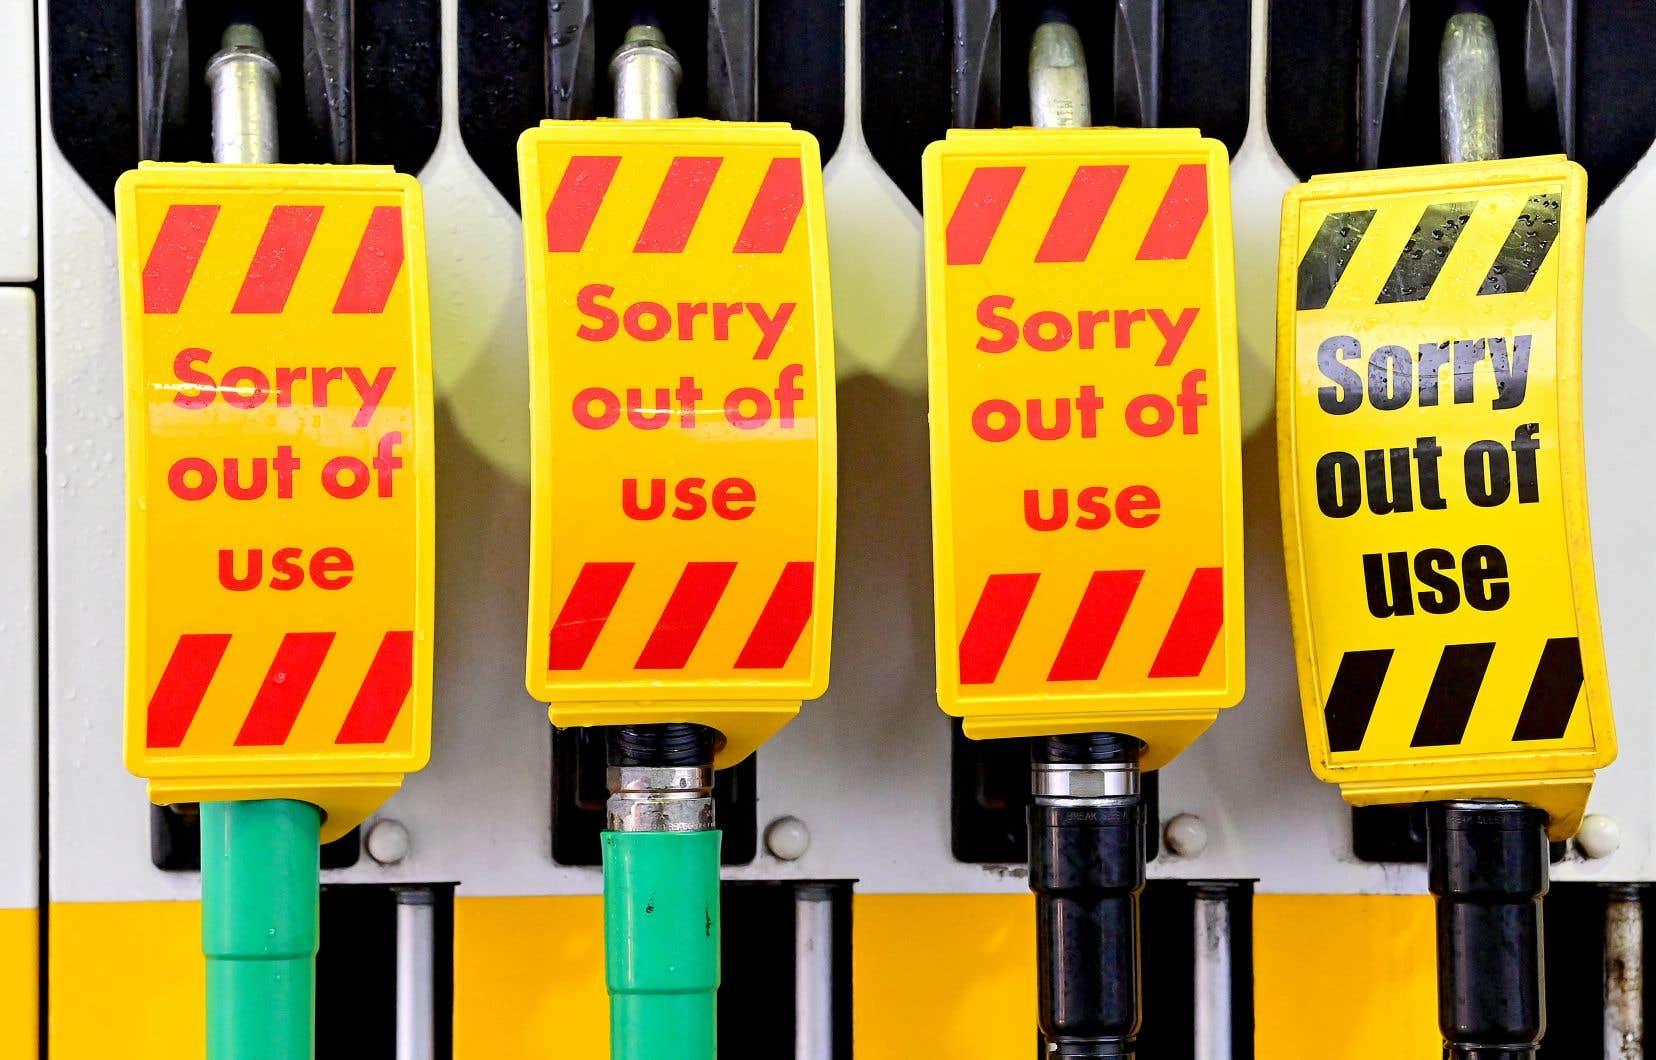 Le manque de camionneurs est particulièrement visible au Royaume-Uni, où des images d'étagères vides dans les supermarchés et de pompes à essence vides ont récemment circulé.